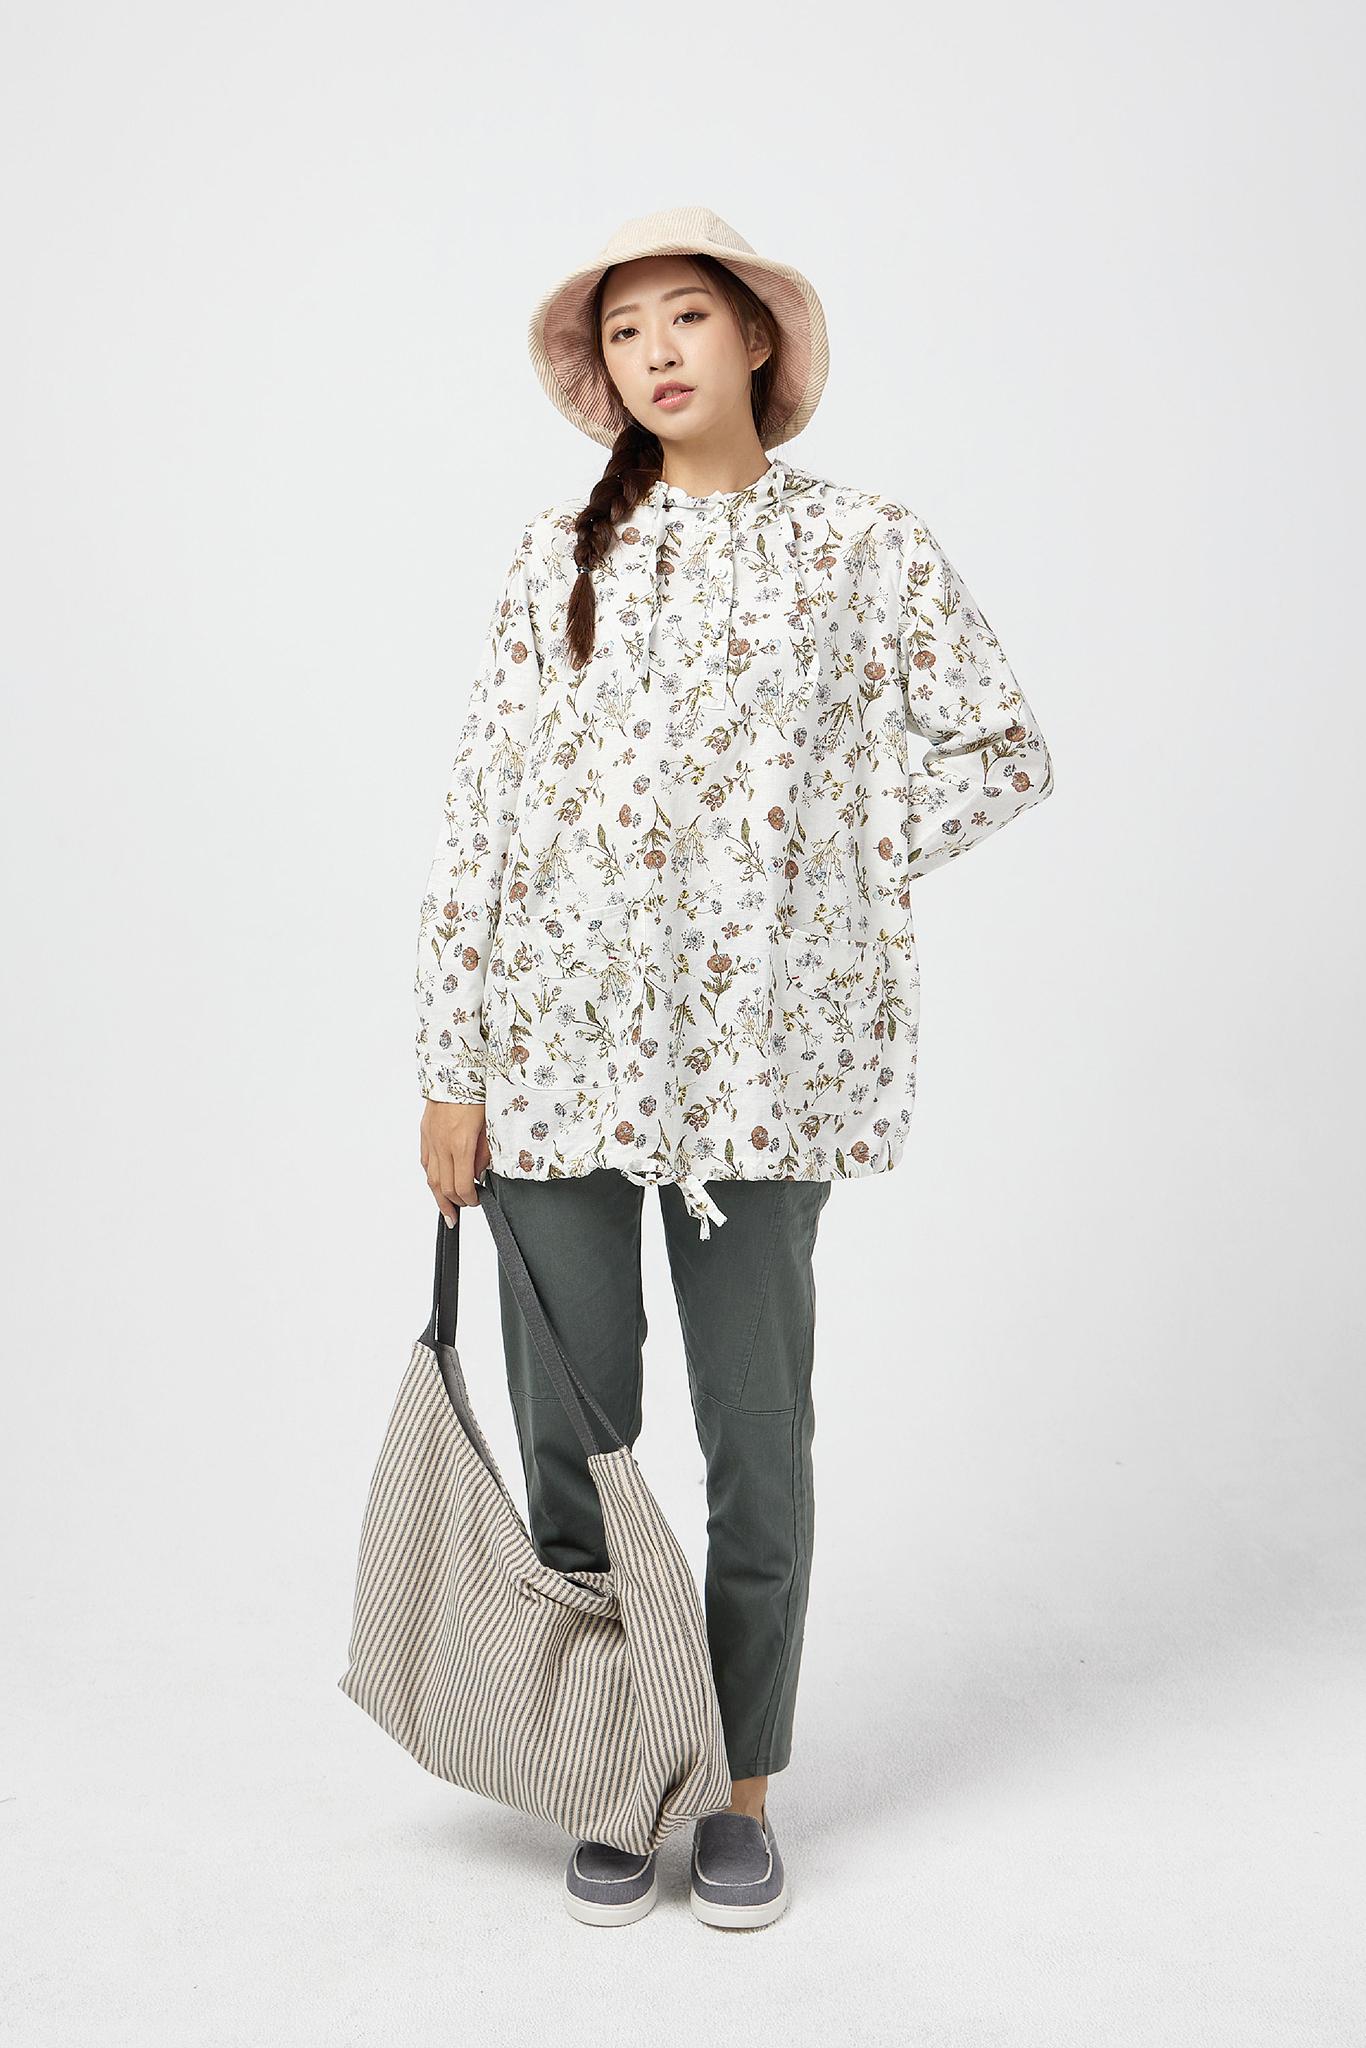 彰化女裝拍攝棉麻服飾網路服飾店台中網拍攝影網路行銷公司